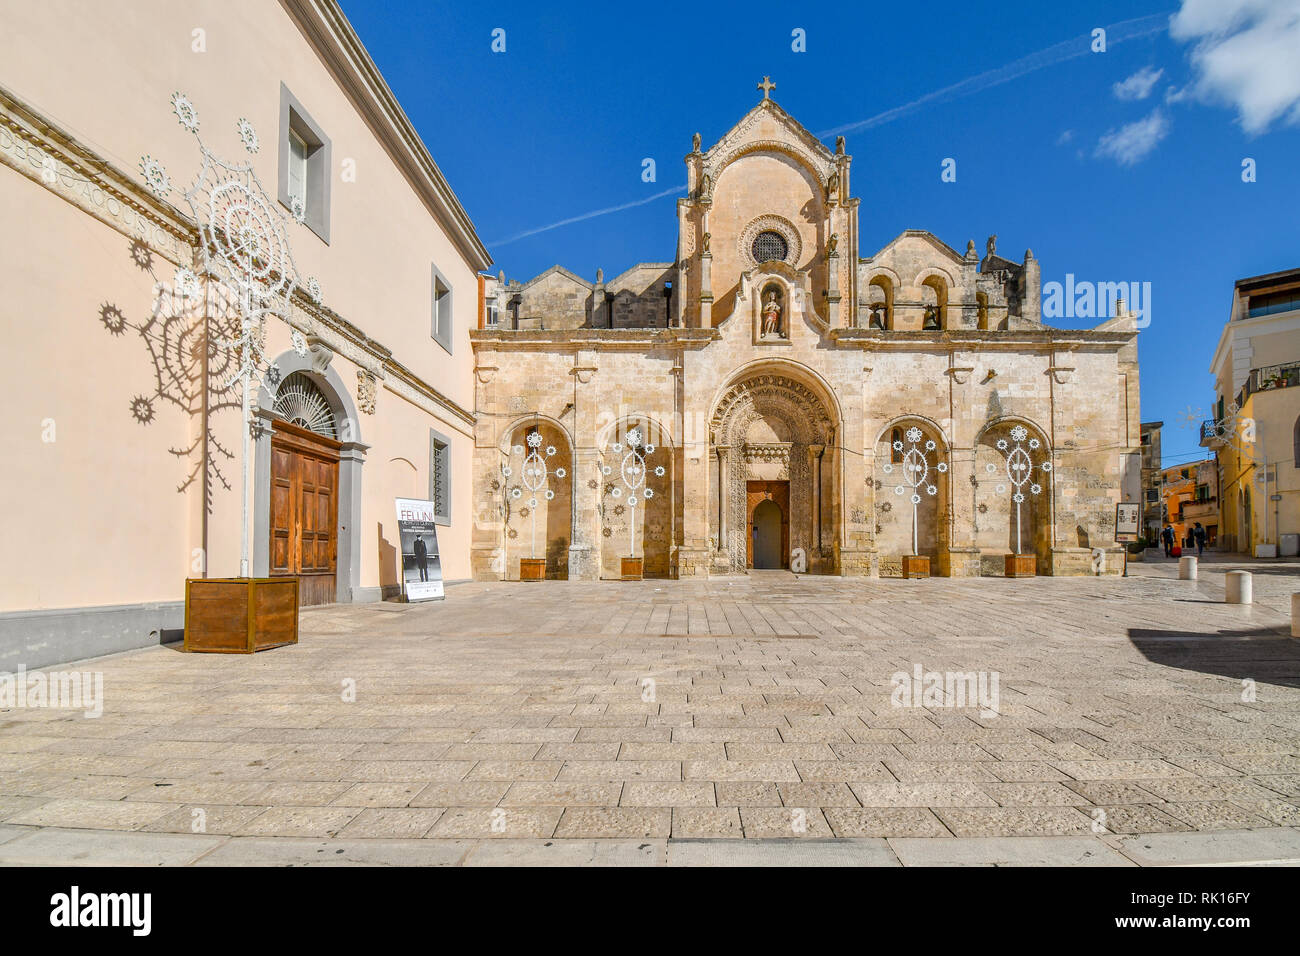 La iglesia parroquial de San Giovanni Battista, una de las iglesias más importantes de Matera, situado fuera del centro histórico de Matera, Italia Foto de stock